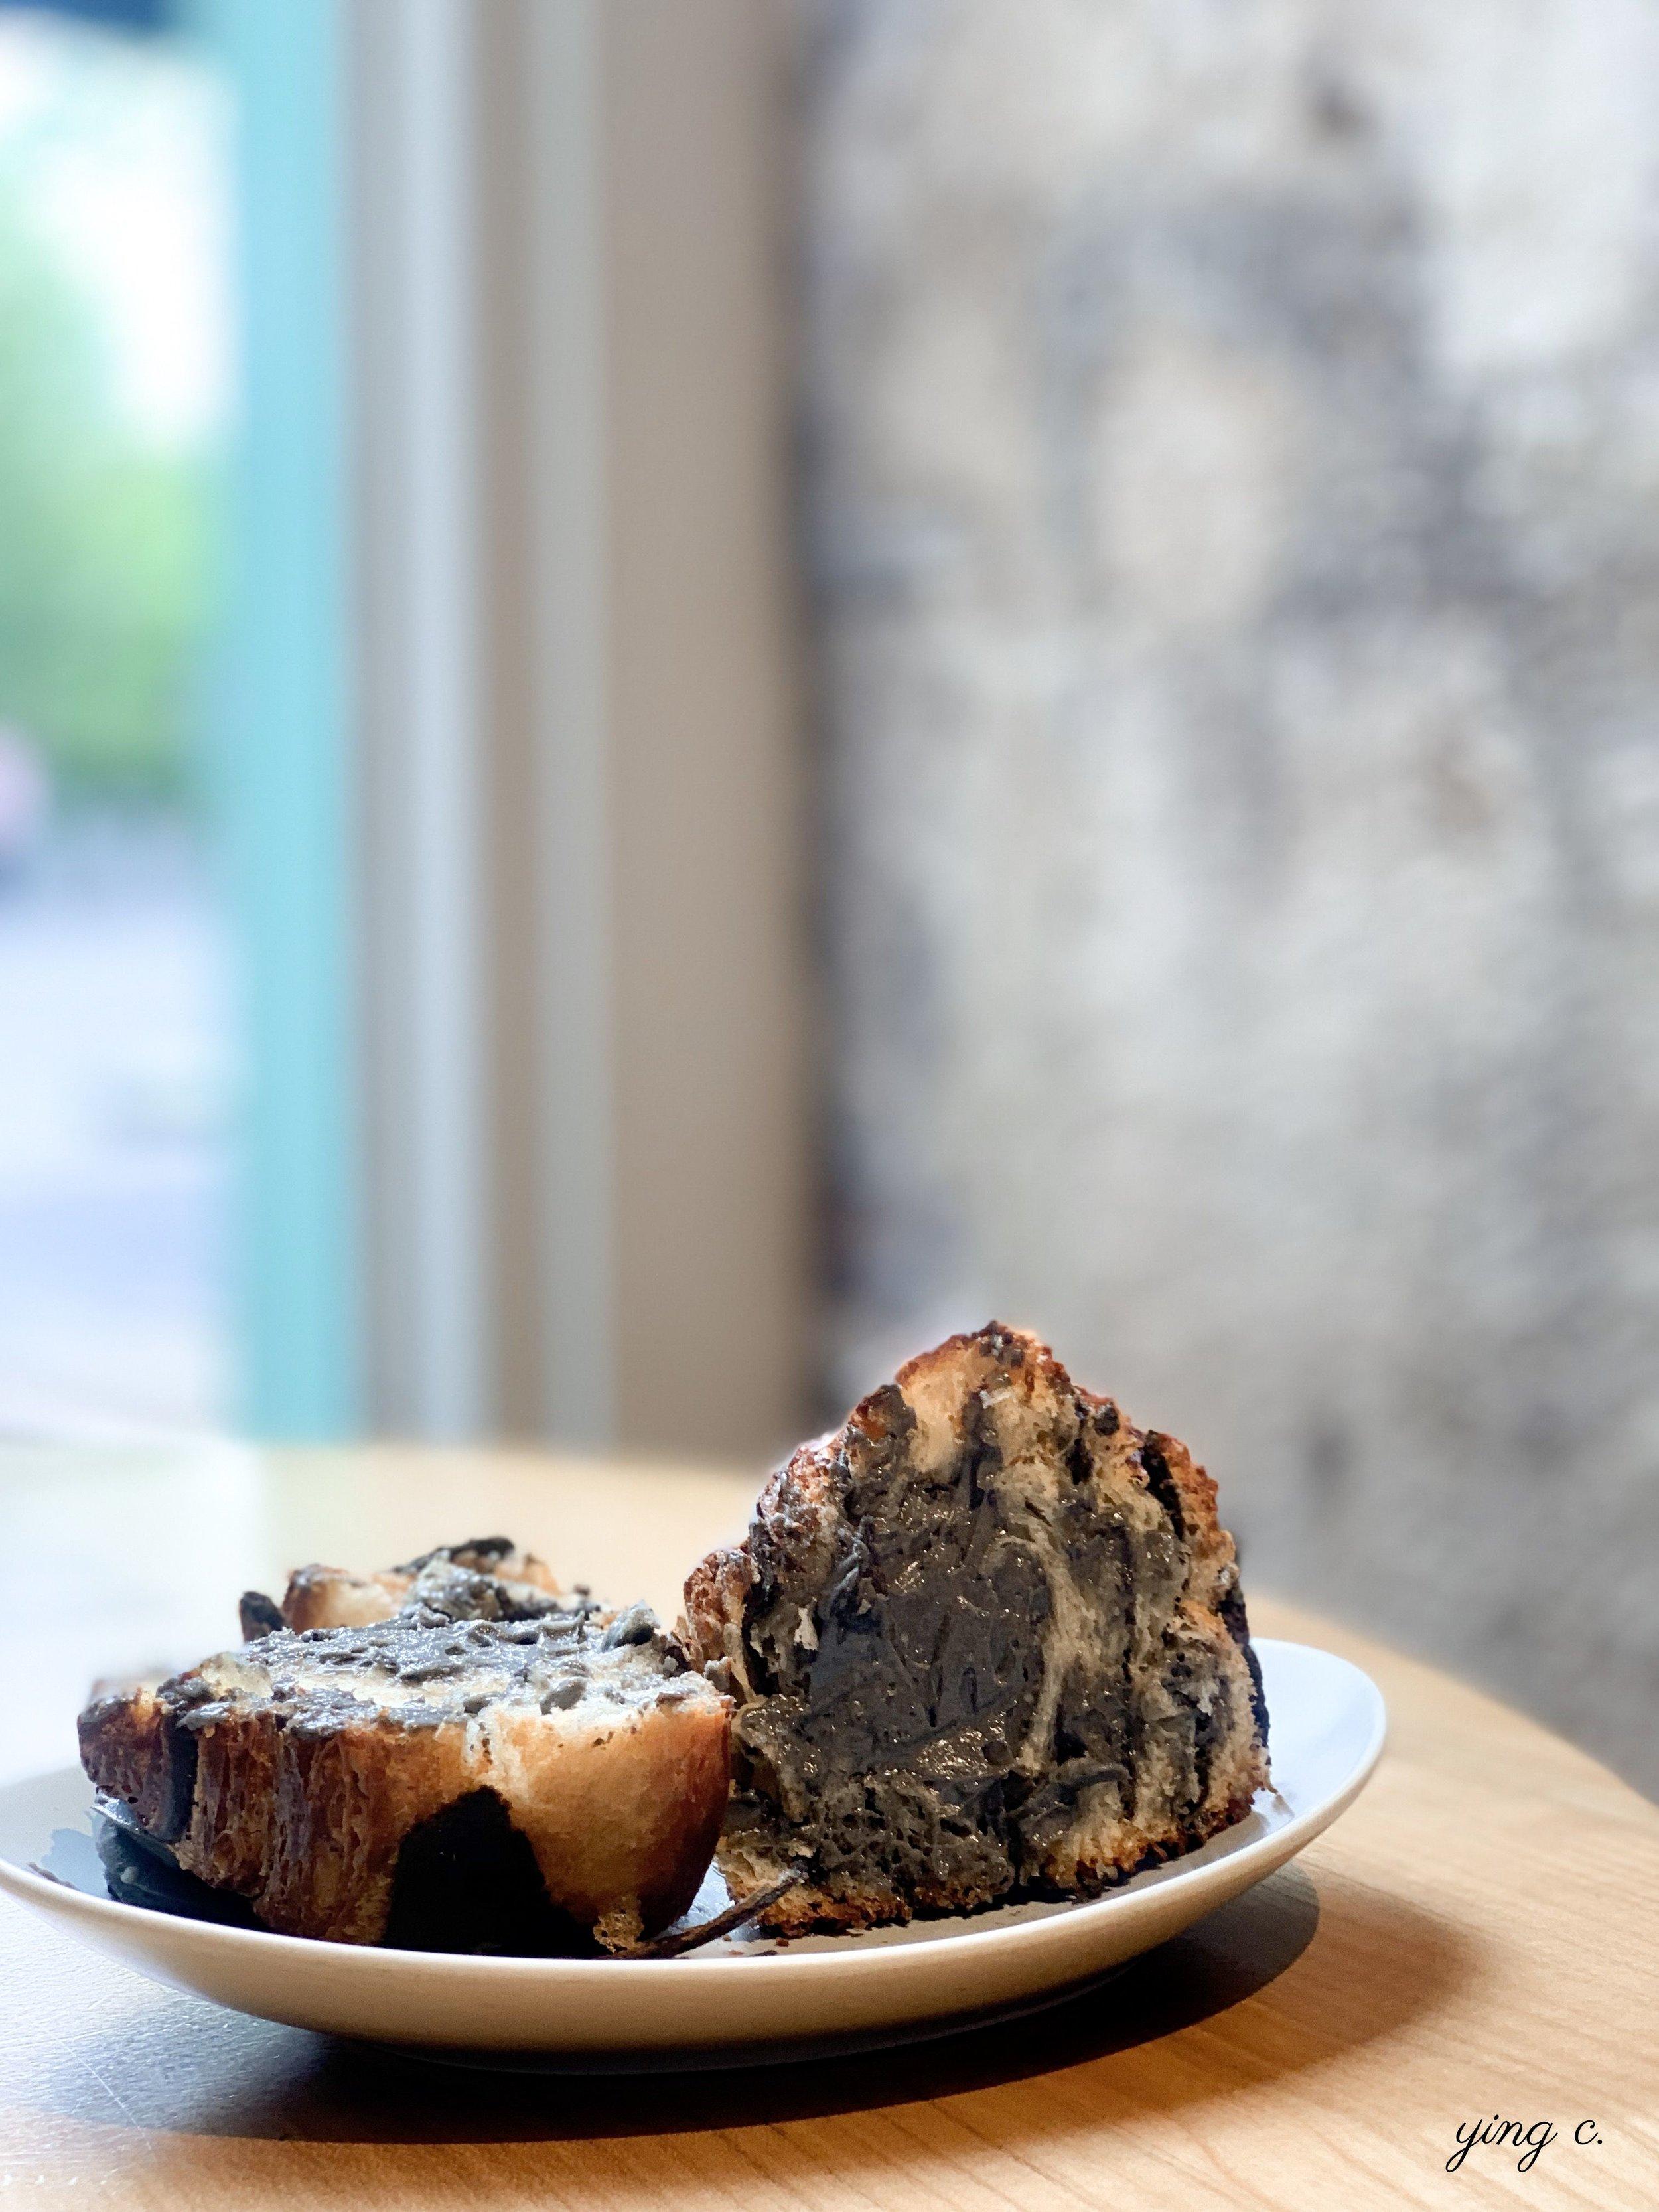 不僅中間夾了滿滿的芝麻奶餡,連千層麵包也是塗了芝麻奶餡才捲起來成型的。